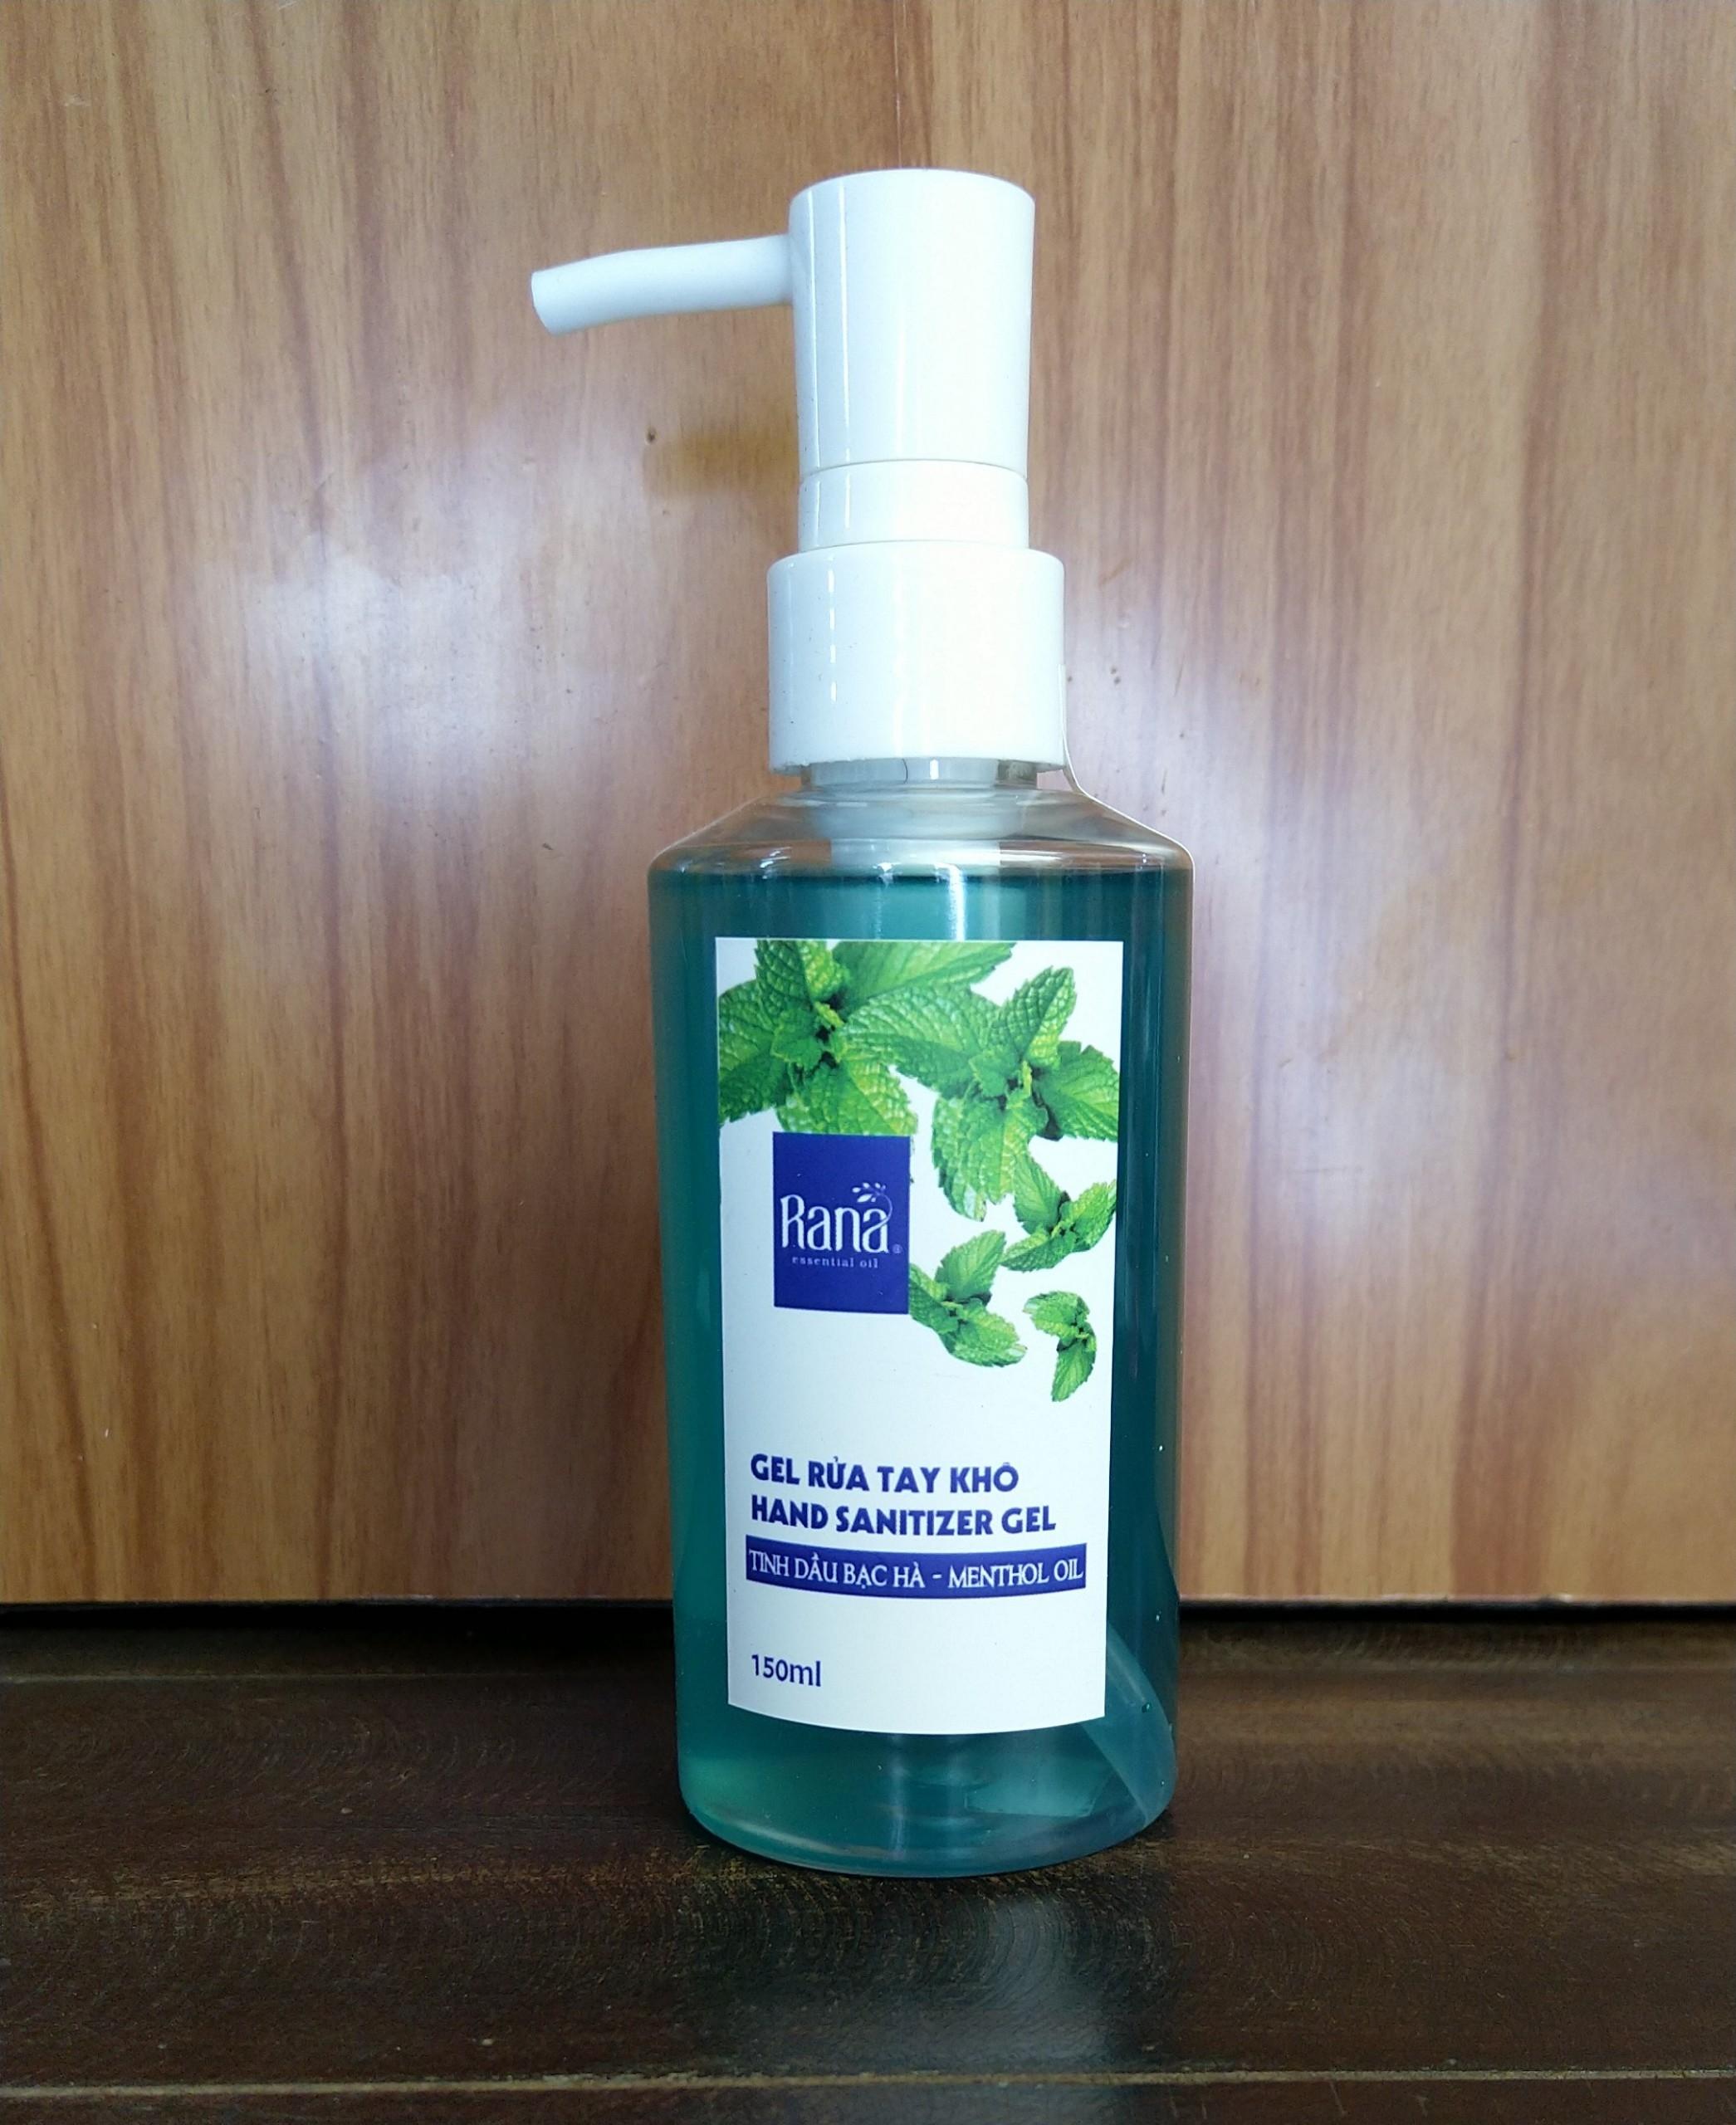 Gel rửa tay khô tinh dầu thiên nhiên Rana 150ml Diệt CORONA COVIS 19